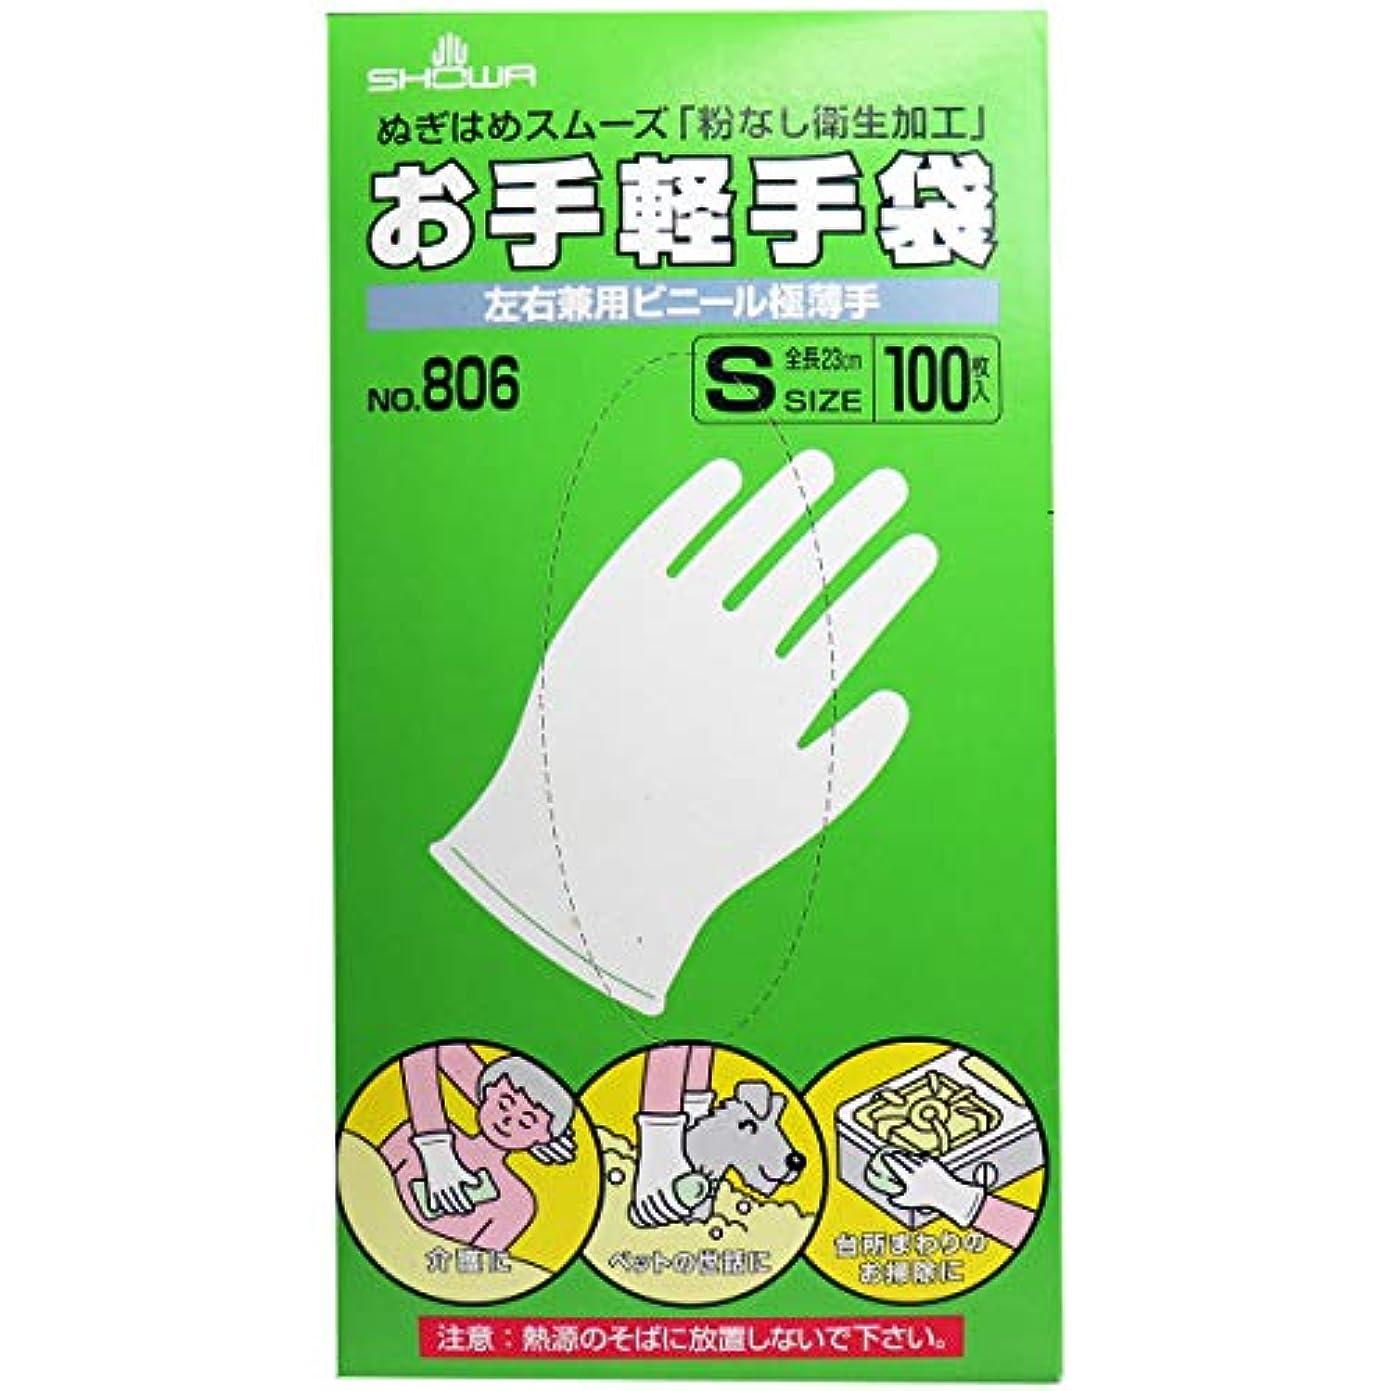 フリル意義ネイティブお手軽手袋 No.806 左右兼用ビニール極薄手 粉なし Sサイズ 100枚入×5個セット